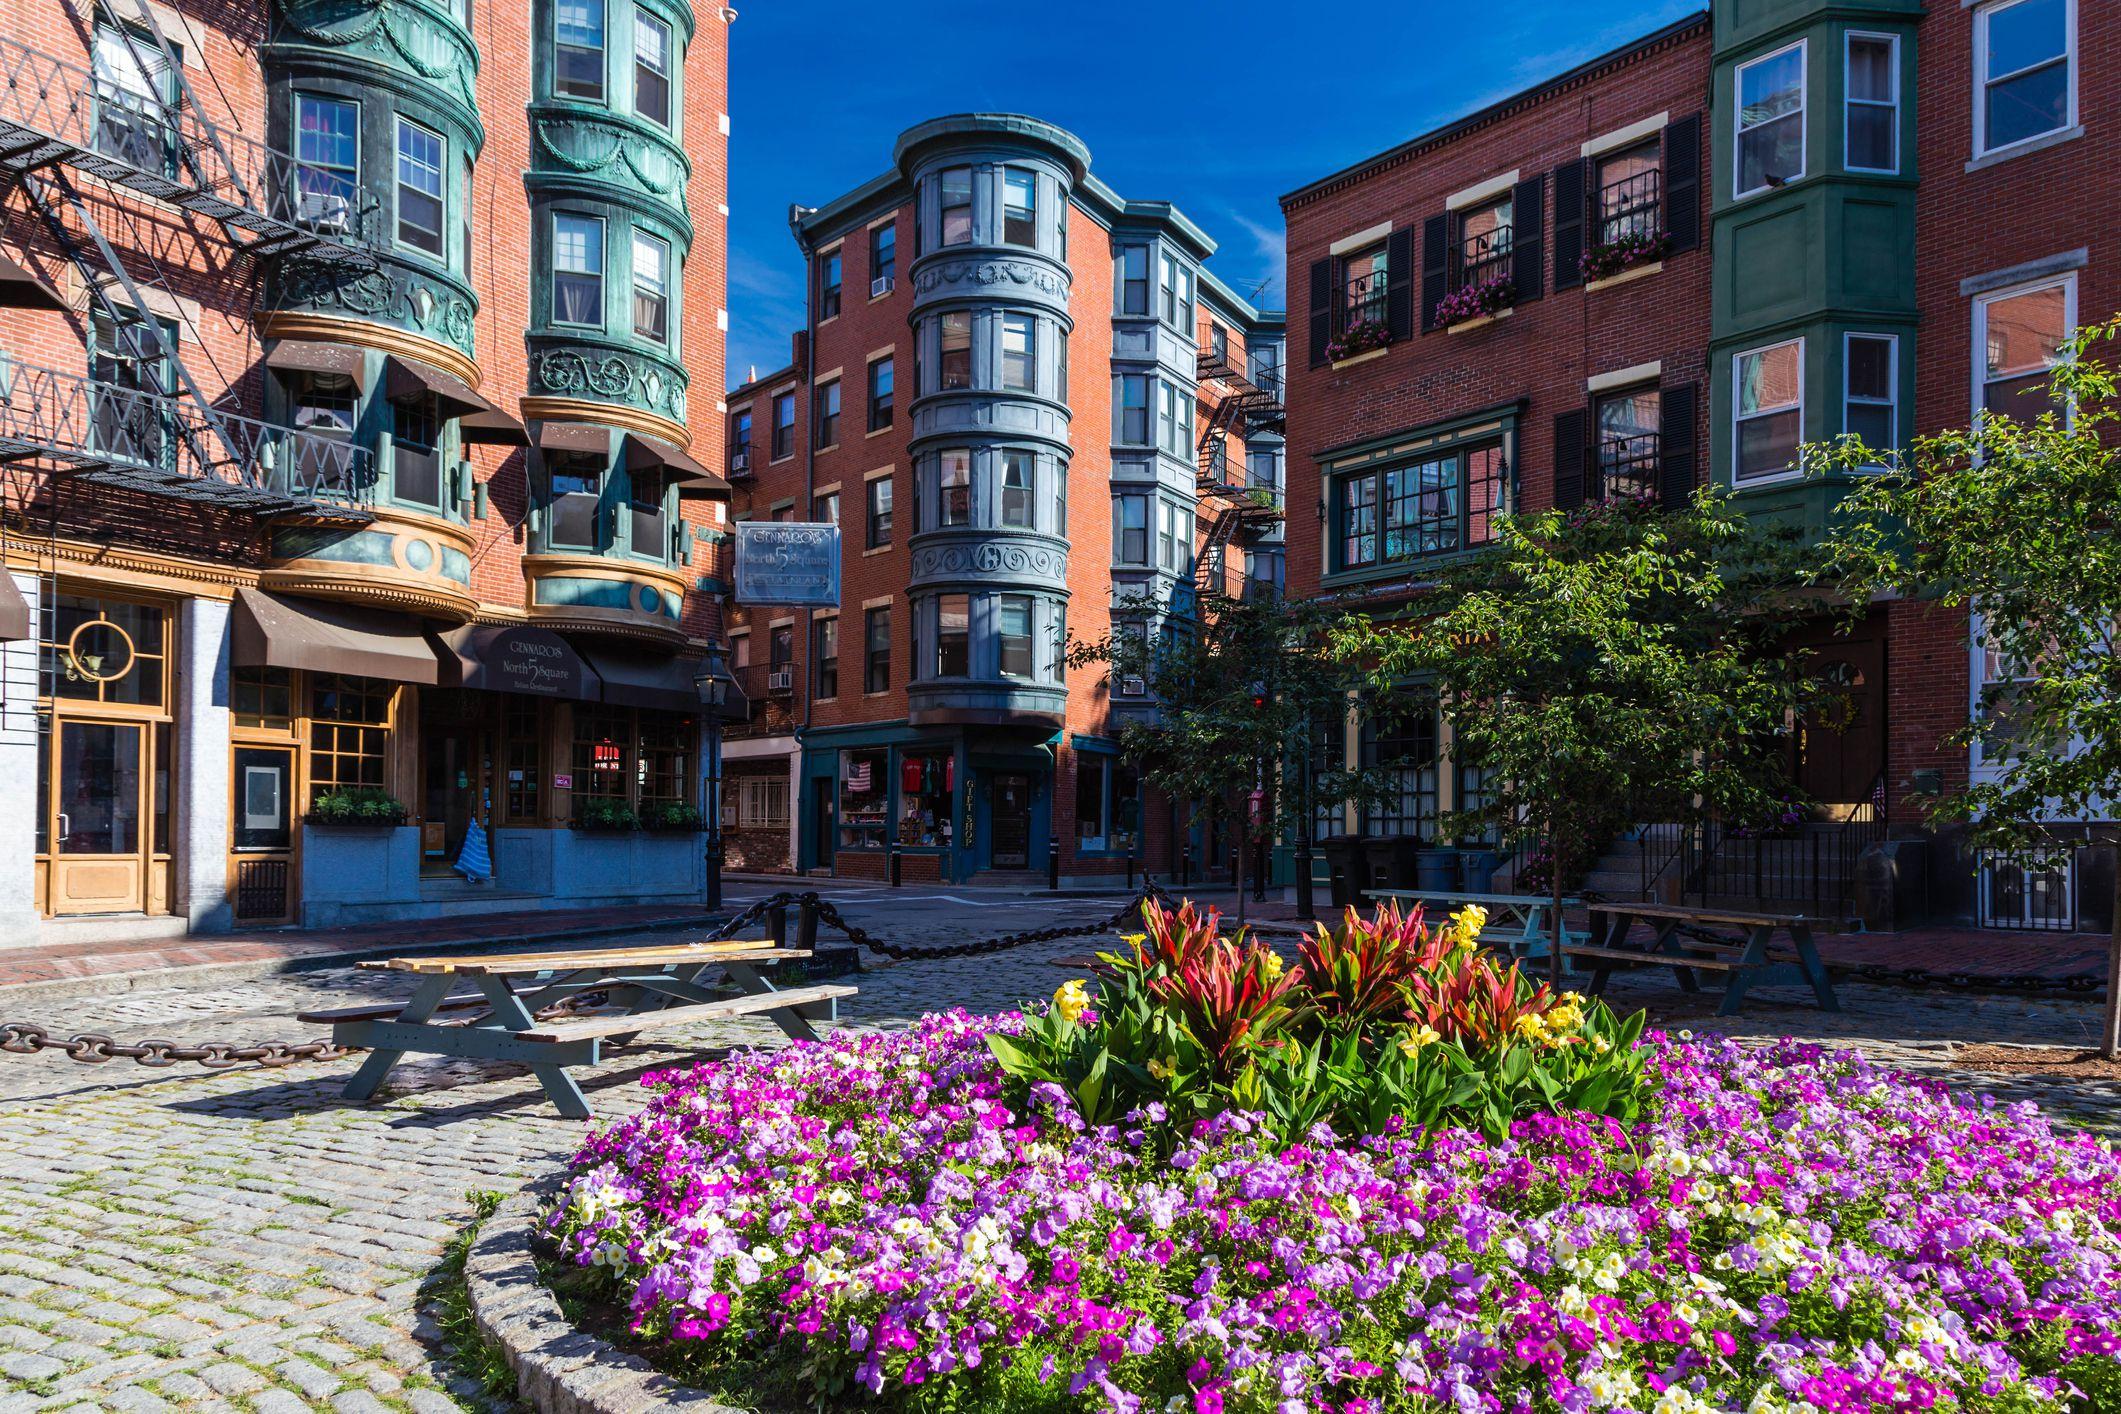 North Square park in North End, Boston